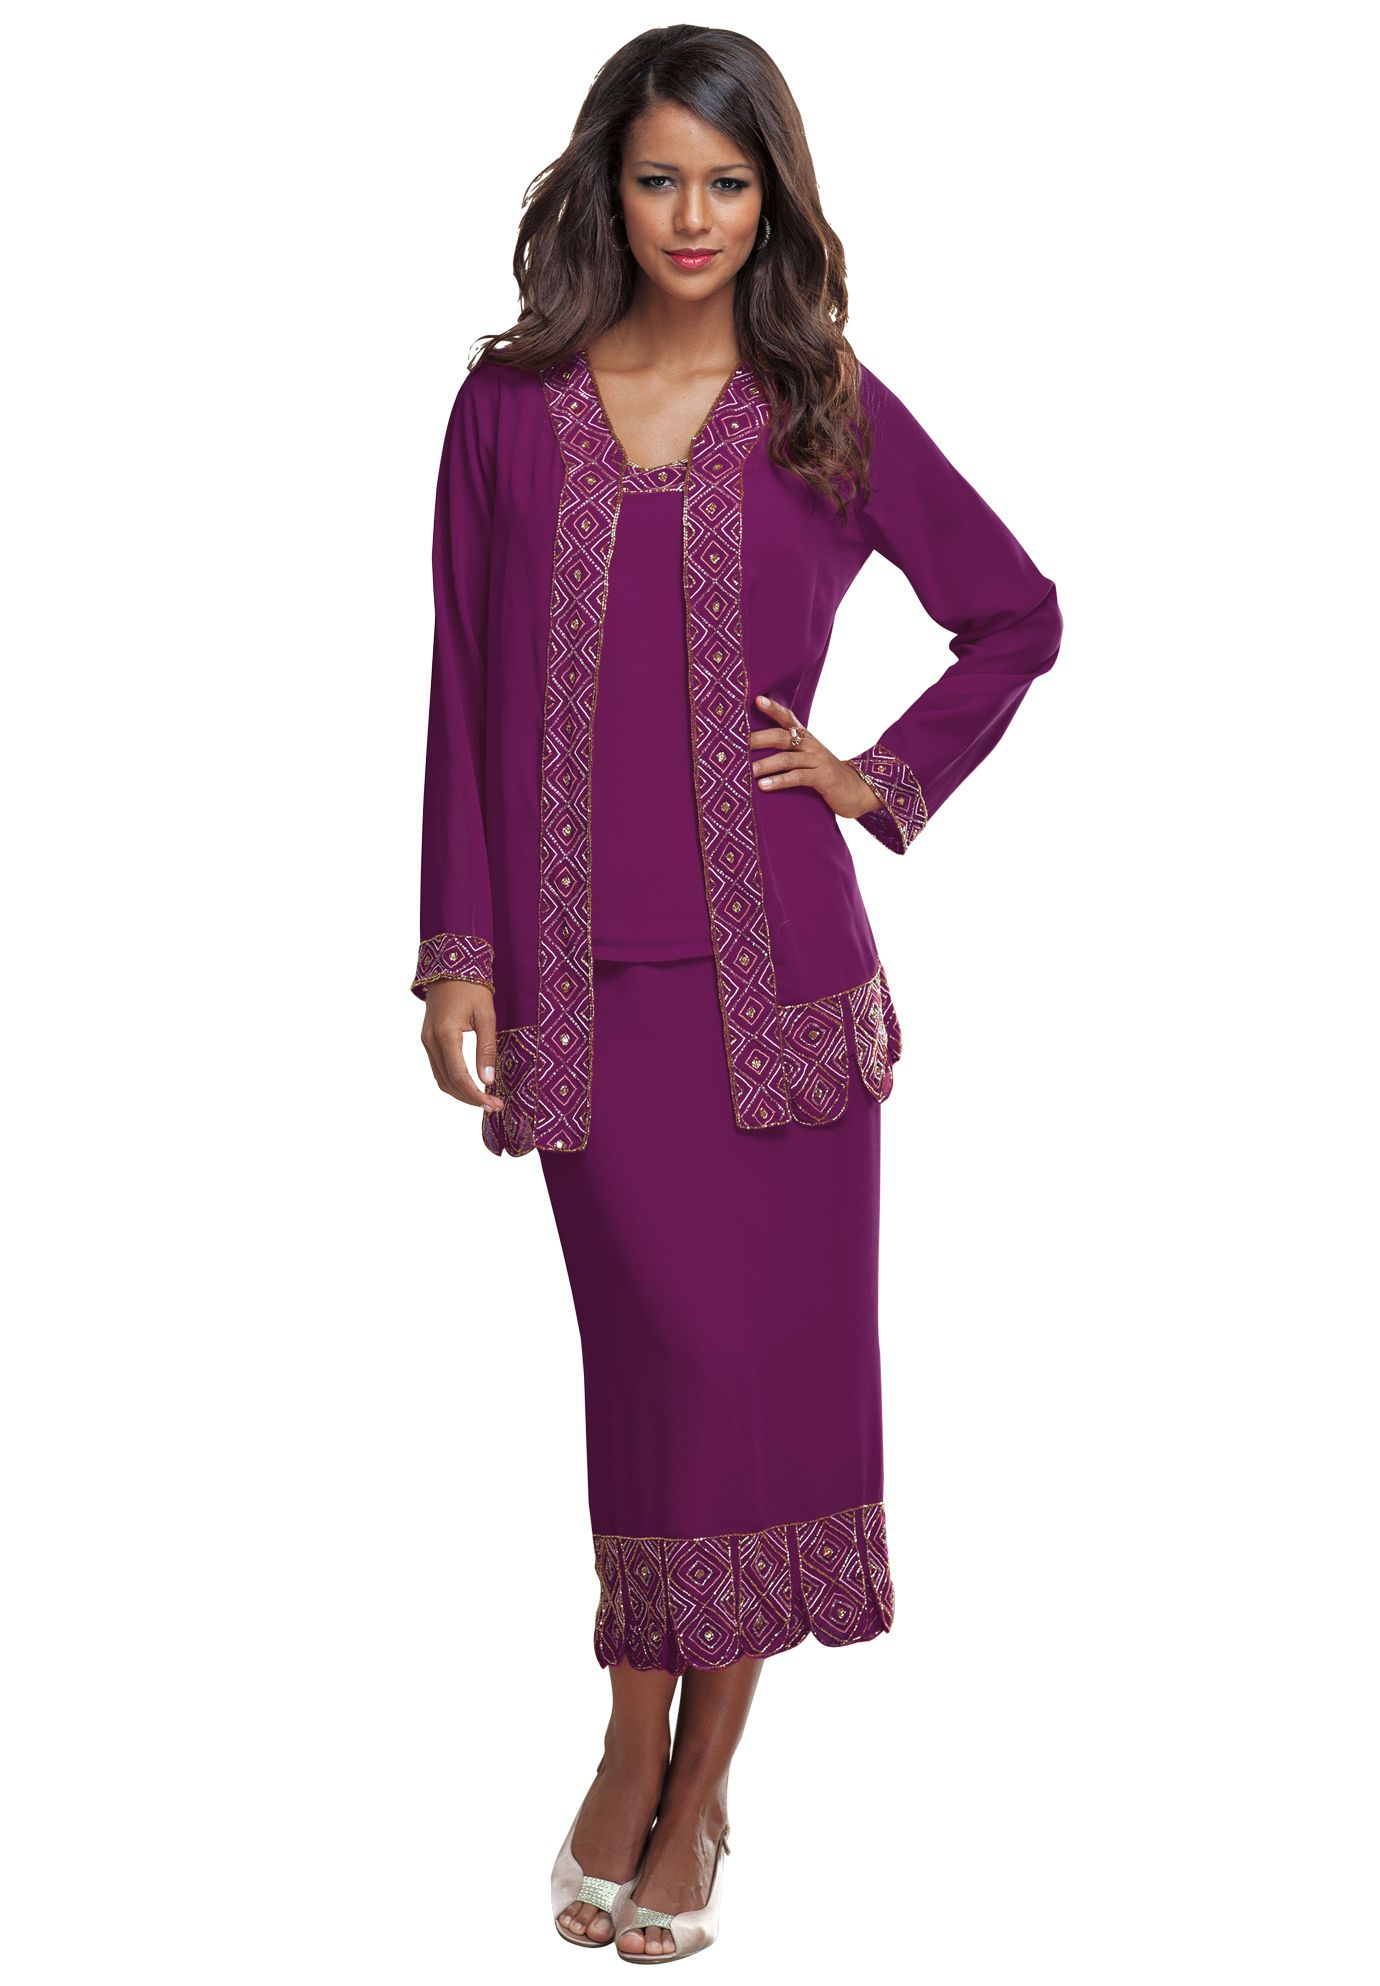 3-Piece Carwash Skirt Set   Plus Size Dresses and Suits   Roamans ...